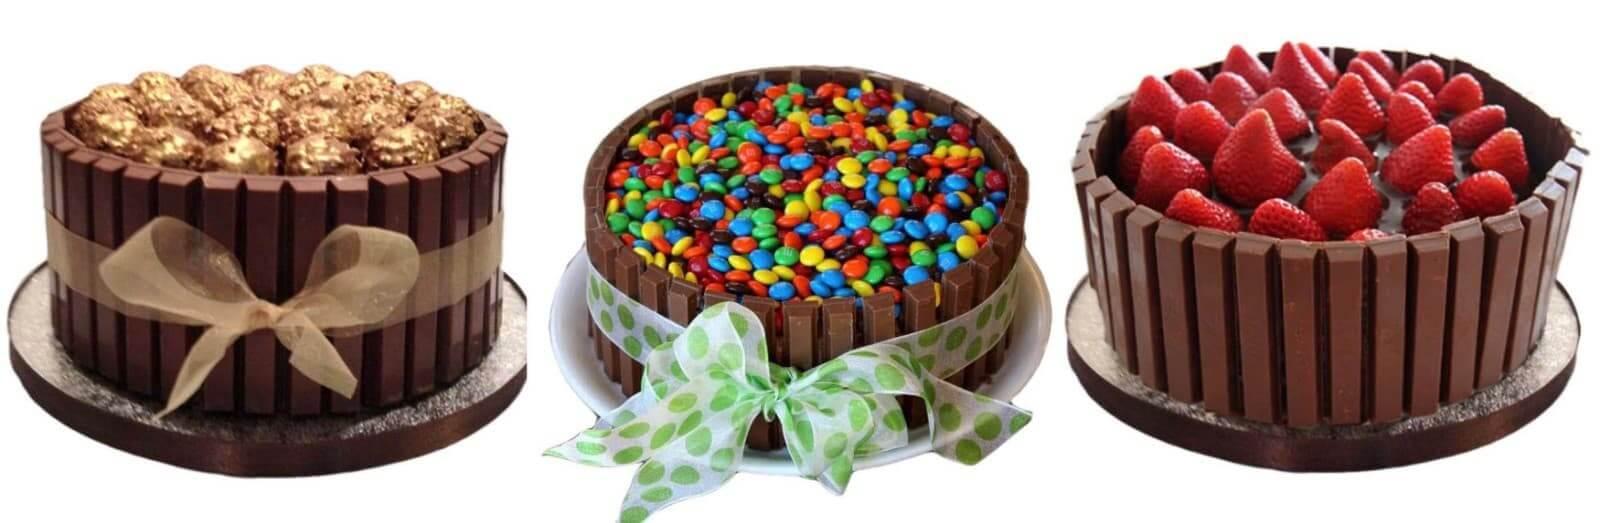 cakes-banner-smallest-2.jpg